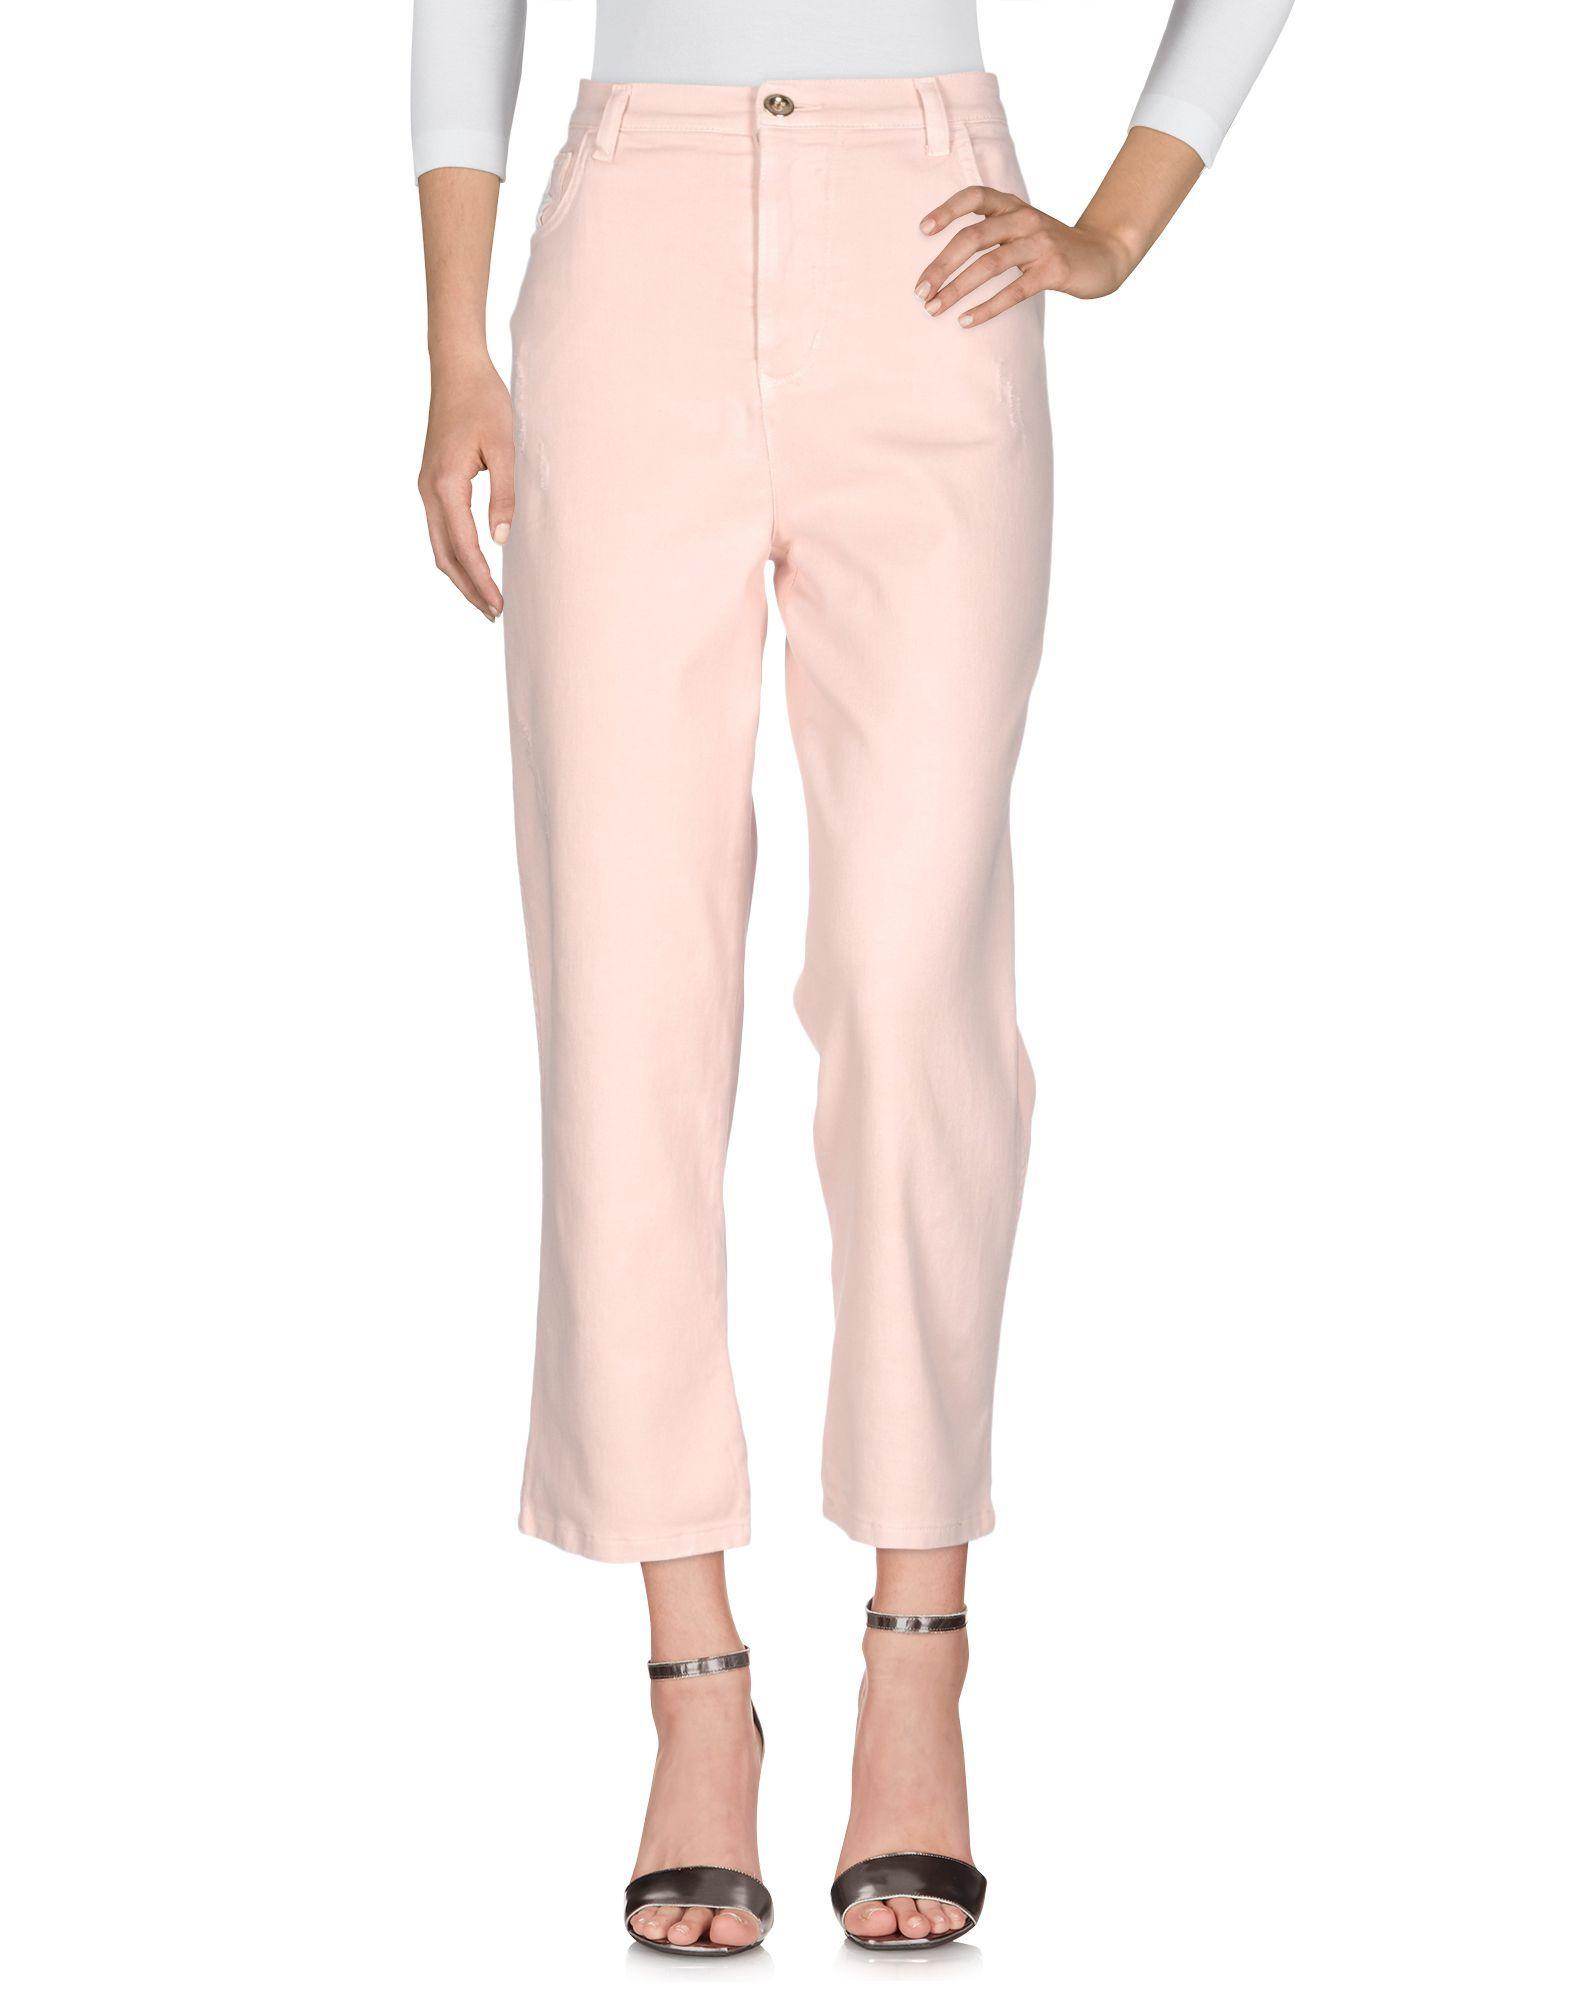 Pf Paola Frani Pink, White Cotton Pantaloni jeans